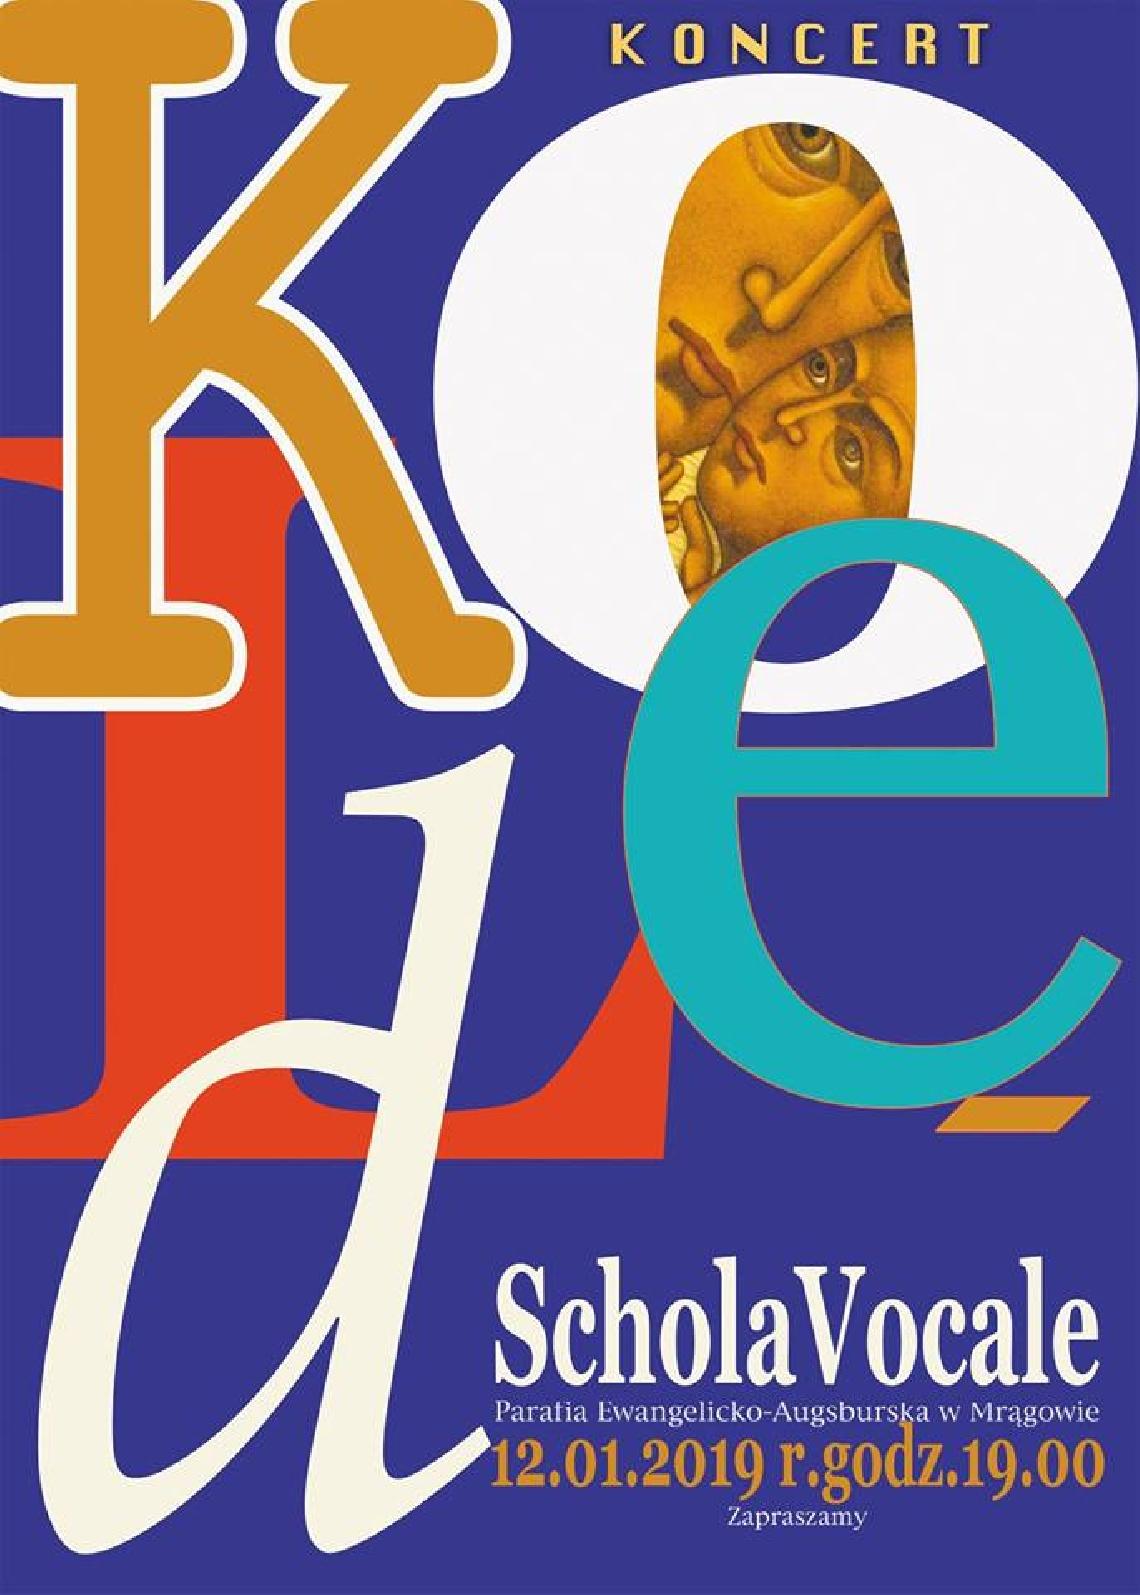 Koncert kolęd Chóru Schola Vocale